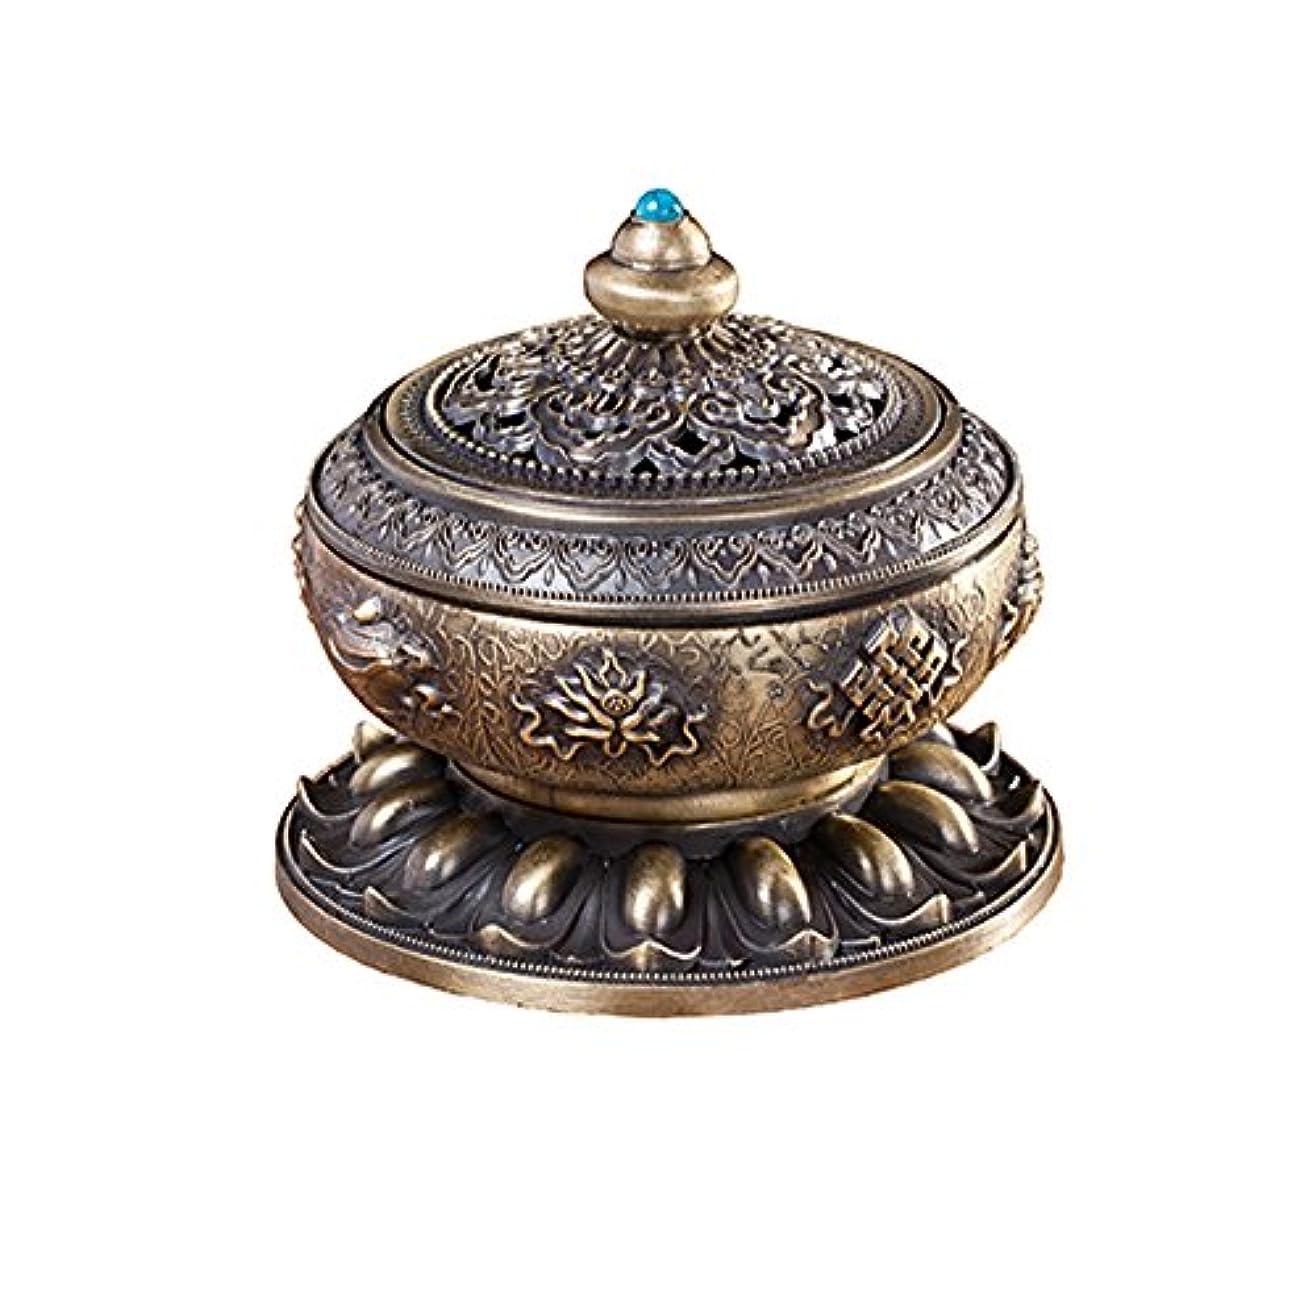 固める研磨母性BUYSEEY 家用 アロマ香炉 青銅 ブロンズ 丸香炉 お香立て 渦巻き線香 などに 香立て付き (S)